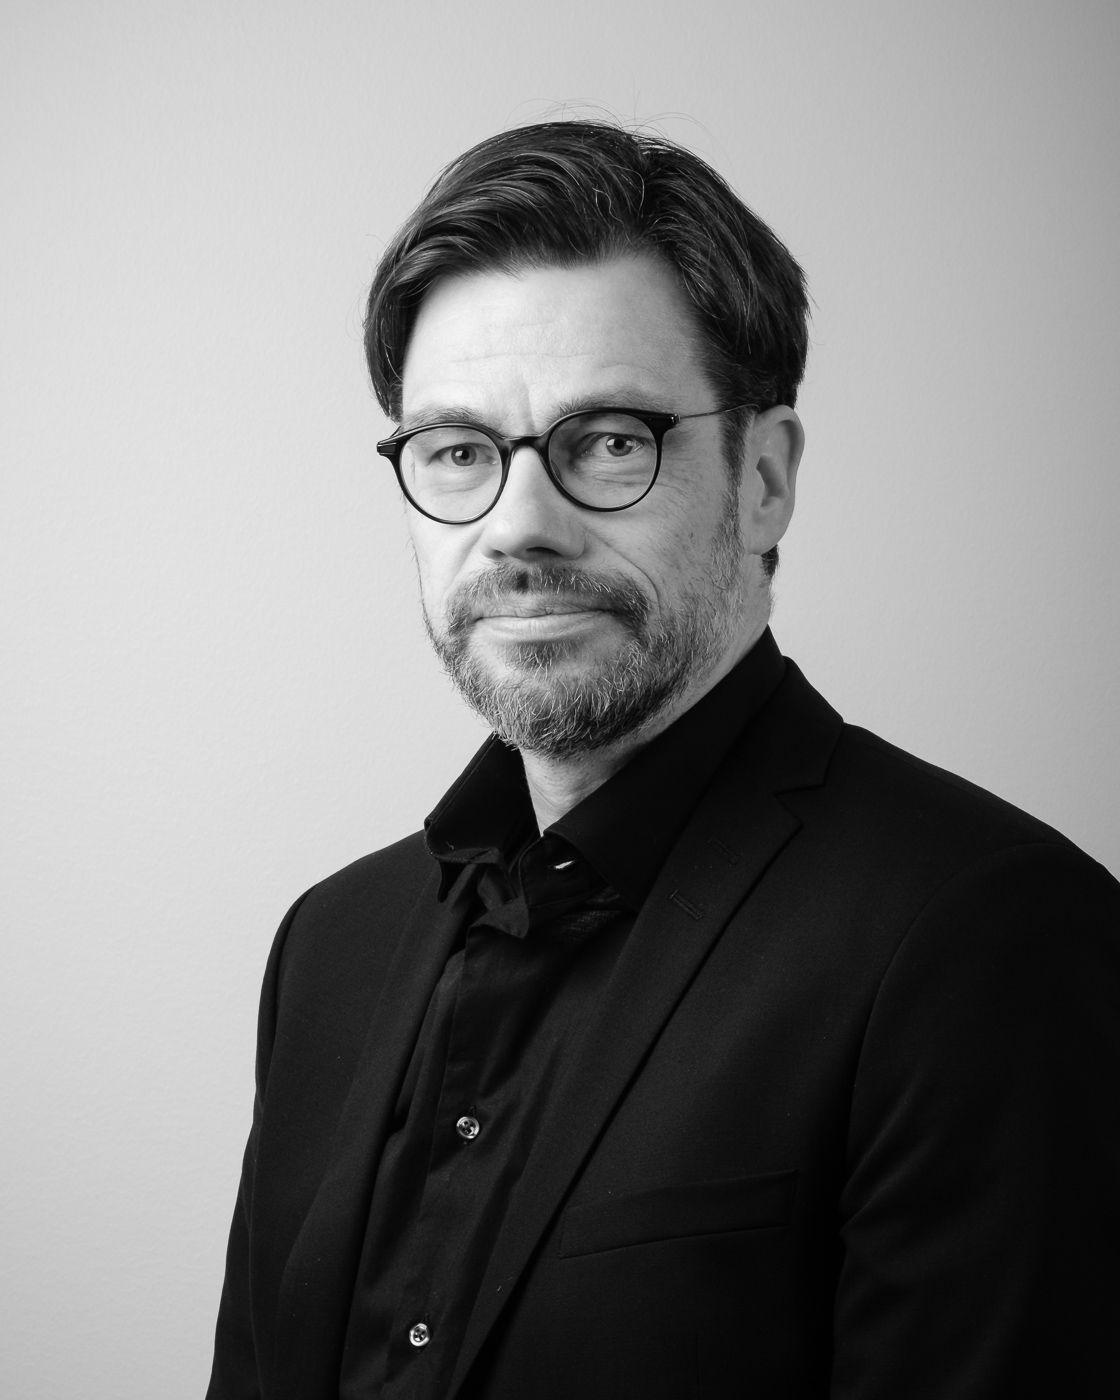 Jari Mäkimartti